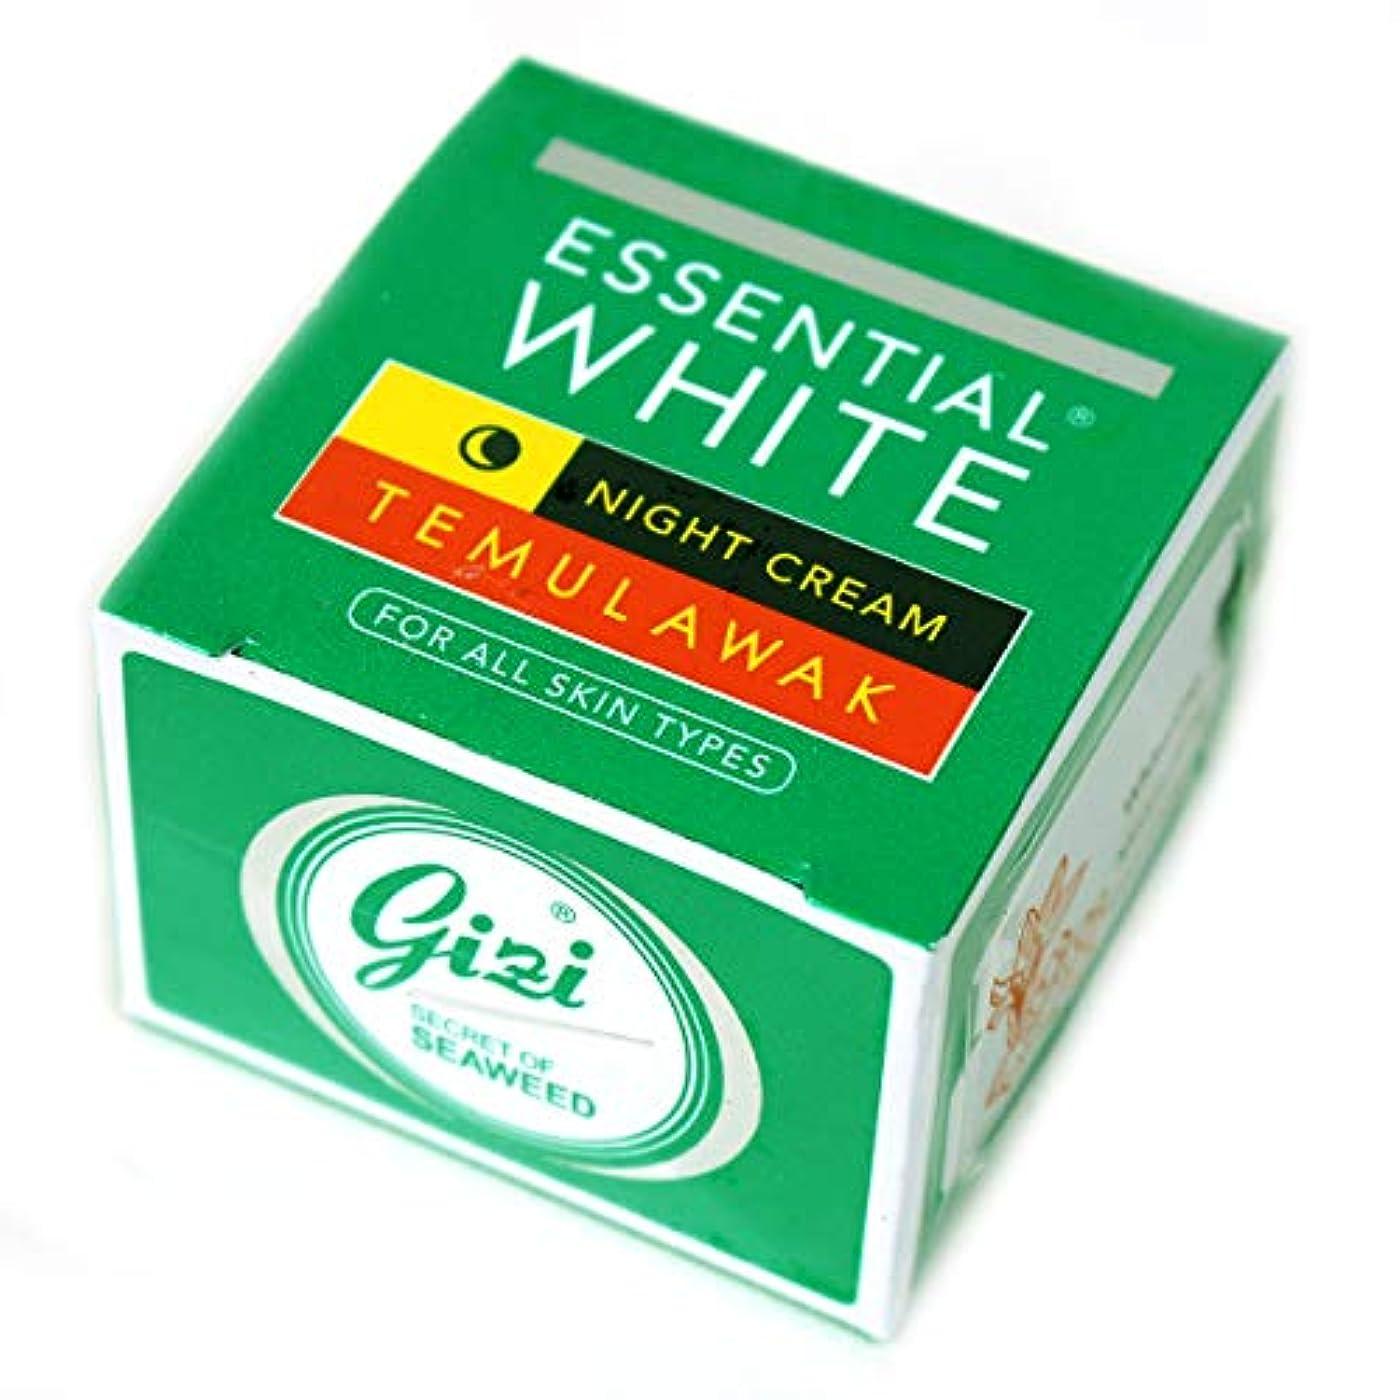 チューブつぶすダブルギジ gizi Essential White ナイト用スキンケアクリーム ボトルタイプ 9g テムラワク ウコン など天然成分配合 [海外直送品]